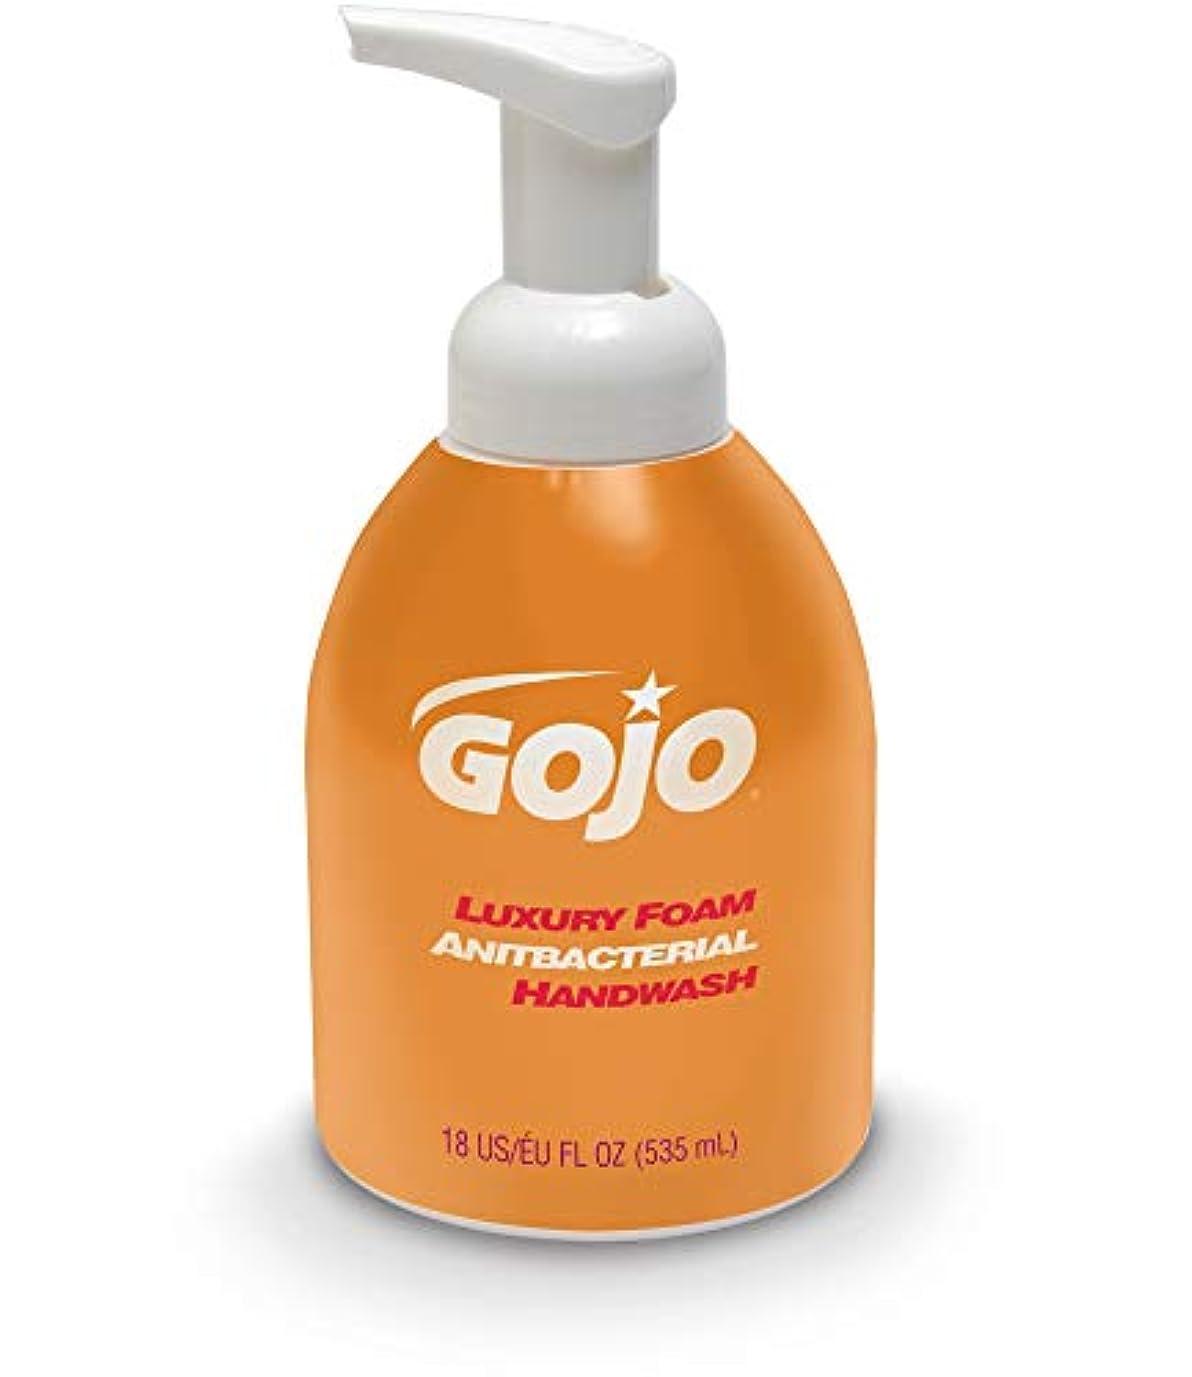 縁利用可能鬼ごっこLuxury Foam Antibacterial Handwash, Orange Blossom, 18 oz Pump (並行輸入品)